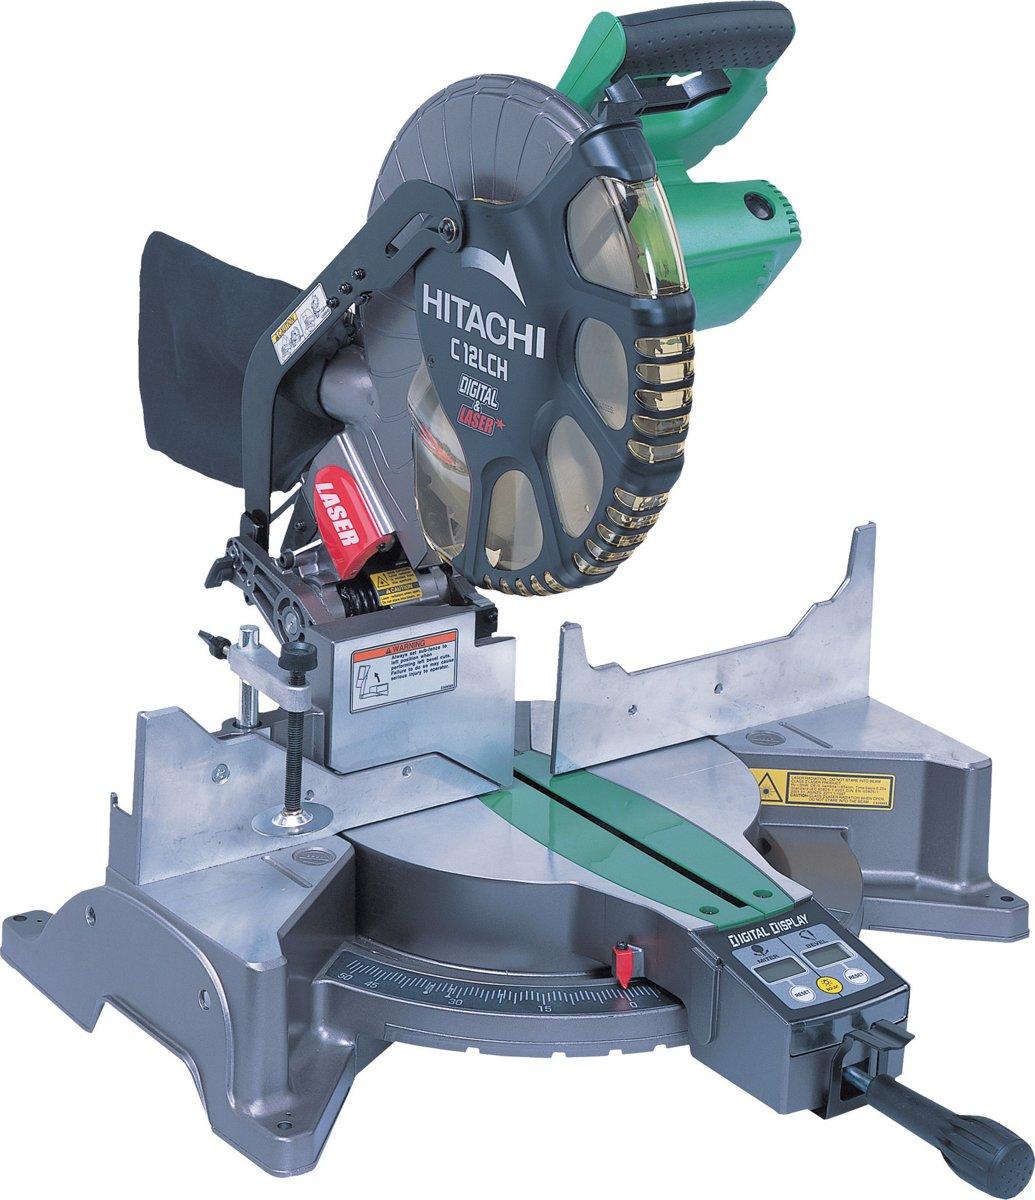 Hitachi C12LCH(UT) Afkort-verstekzaagmachine